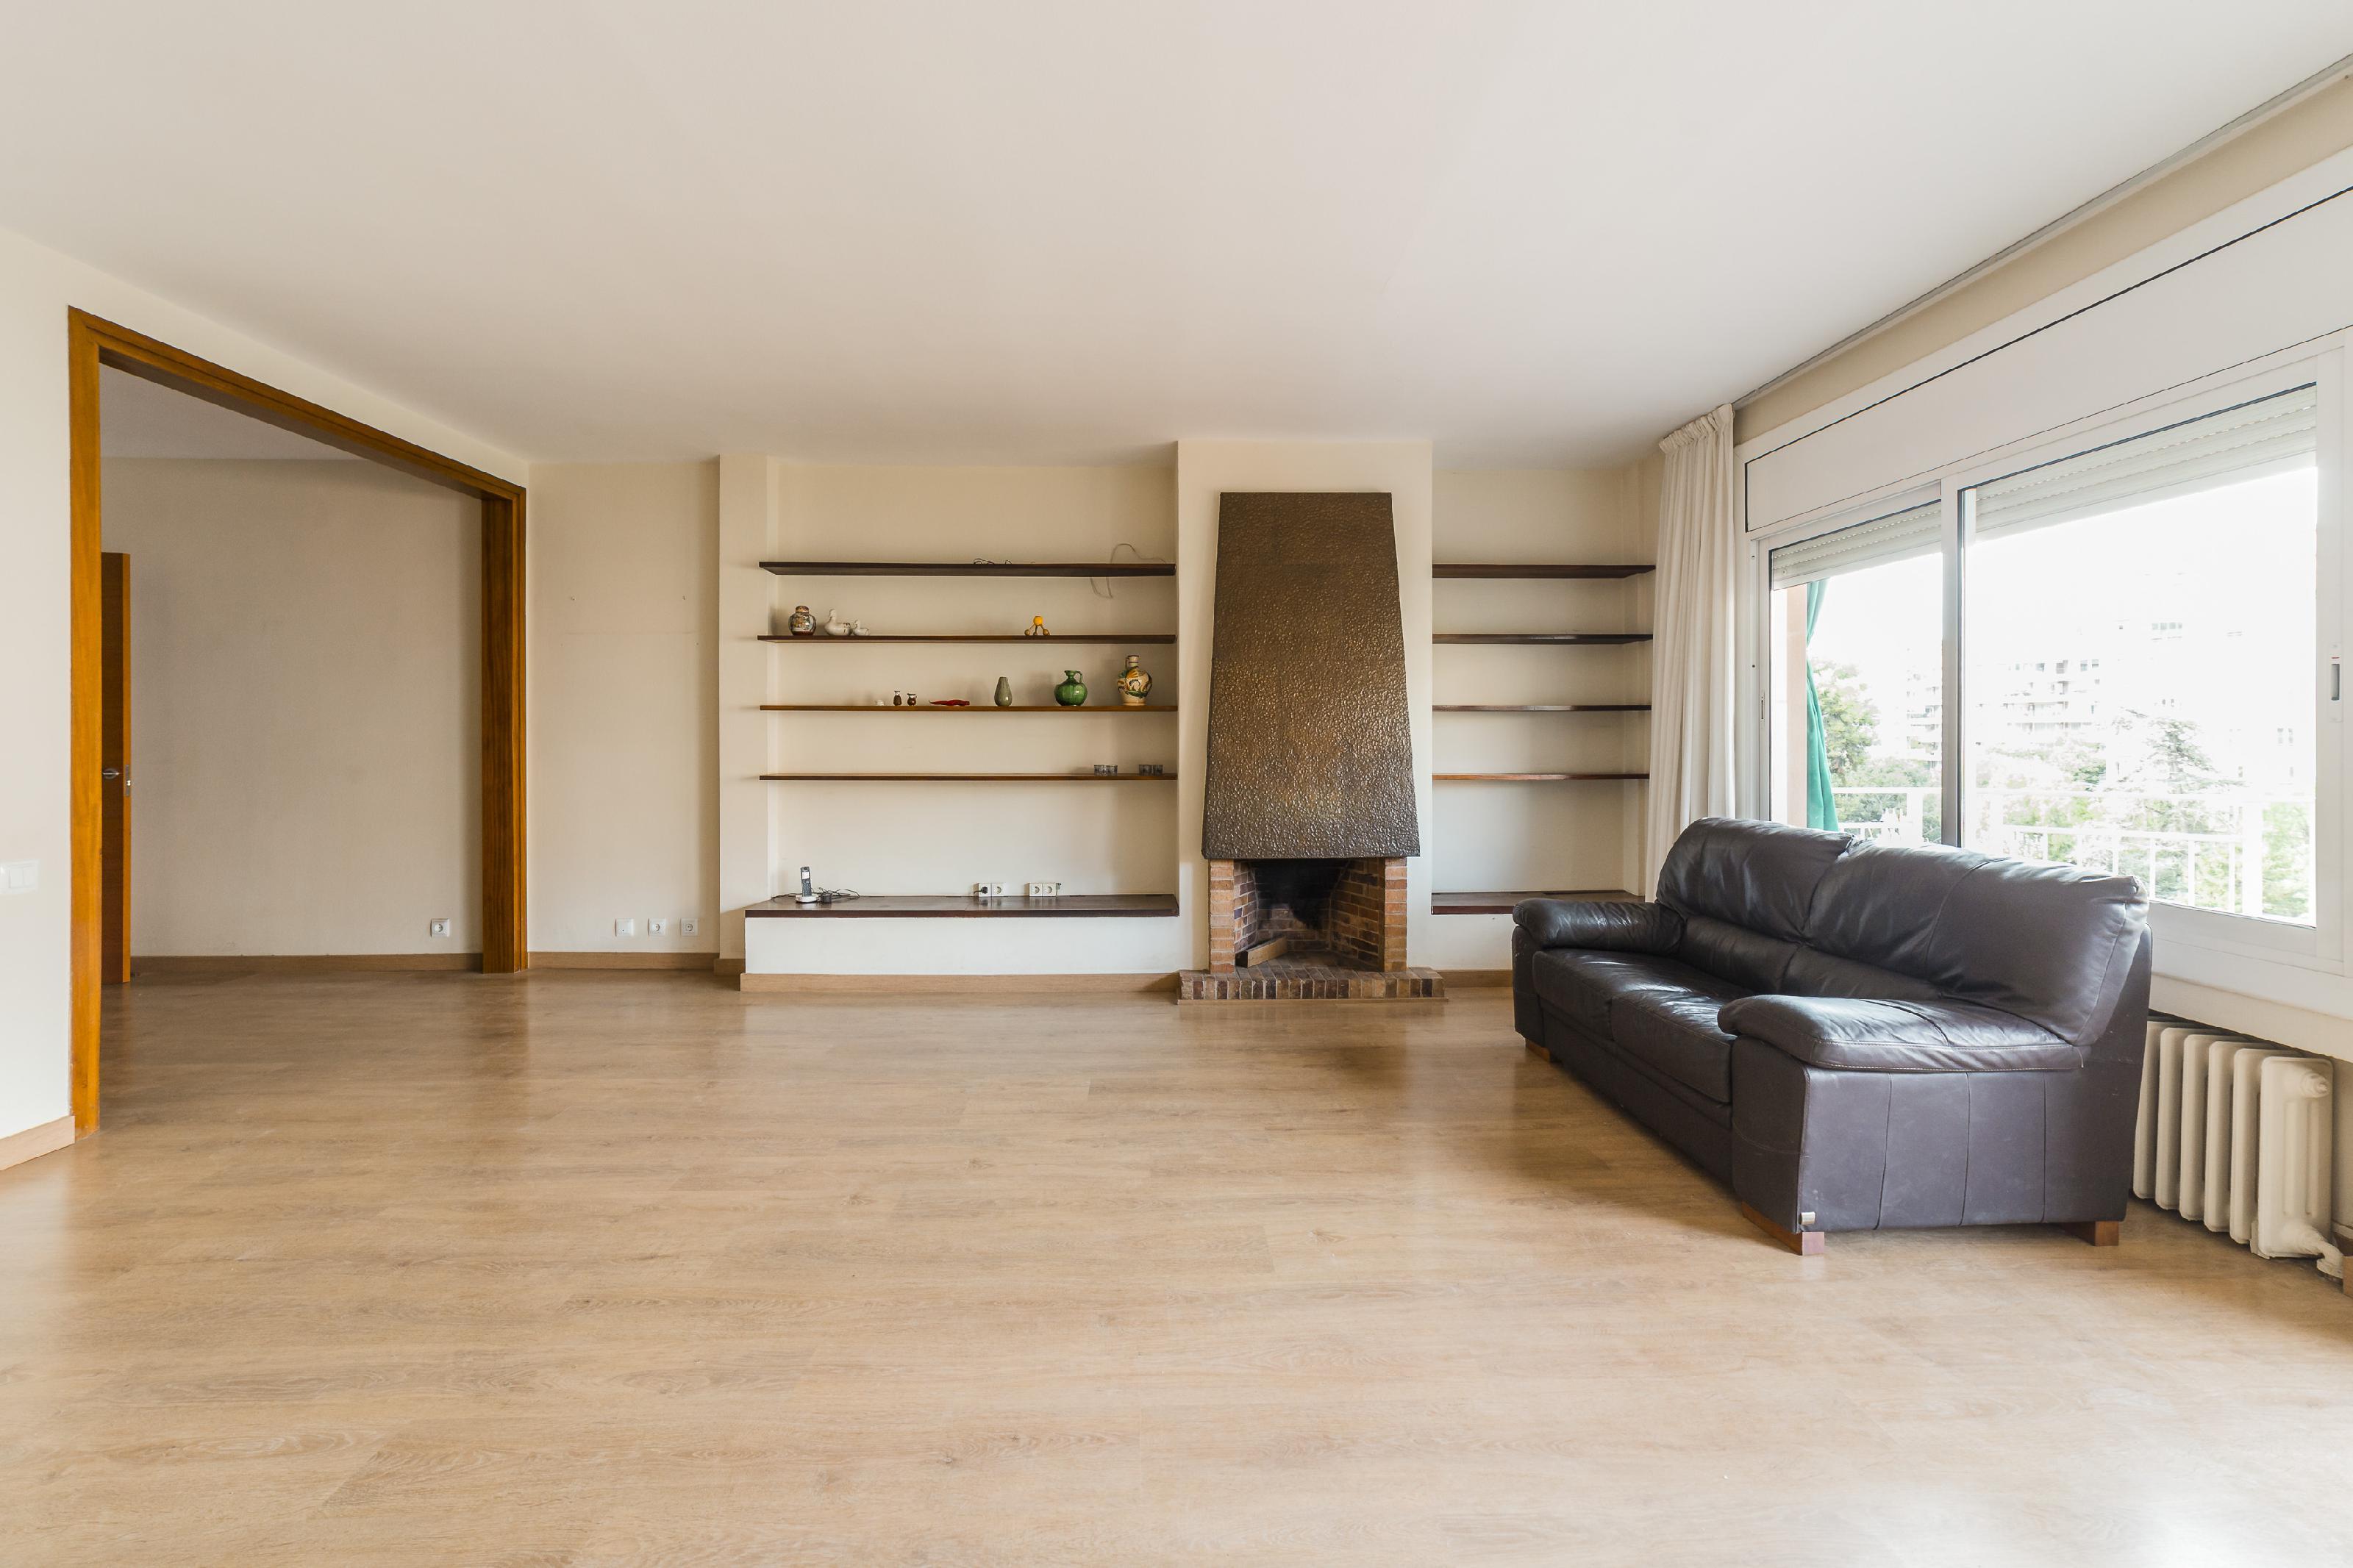 253337 Piso en venda en Sarrià-Sant Gervasi, El Putxet i Farró 2